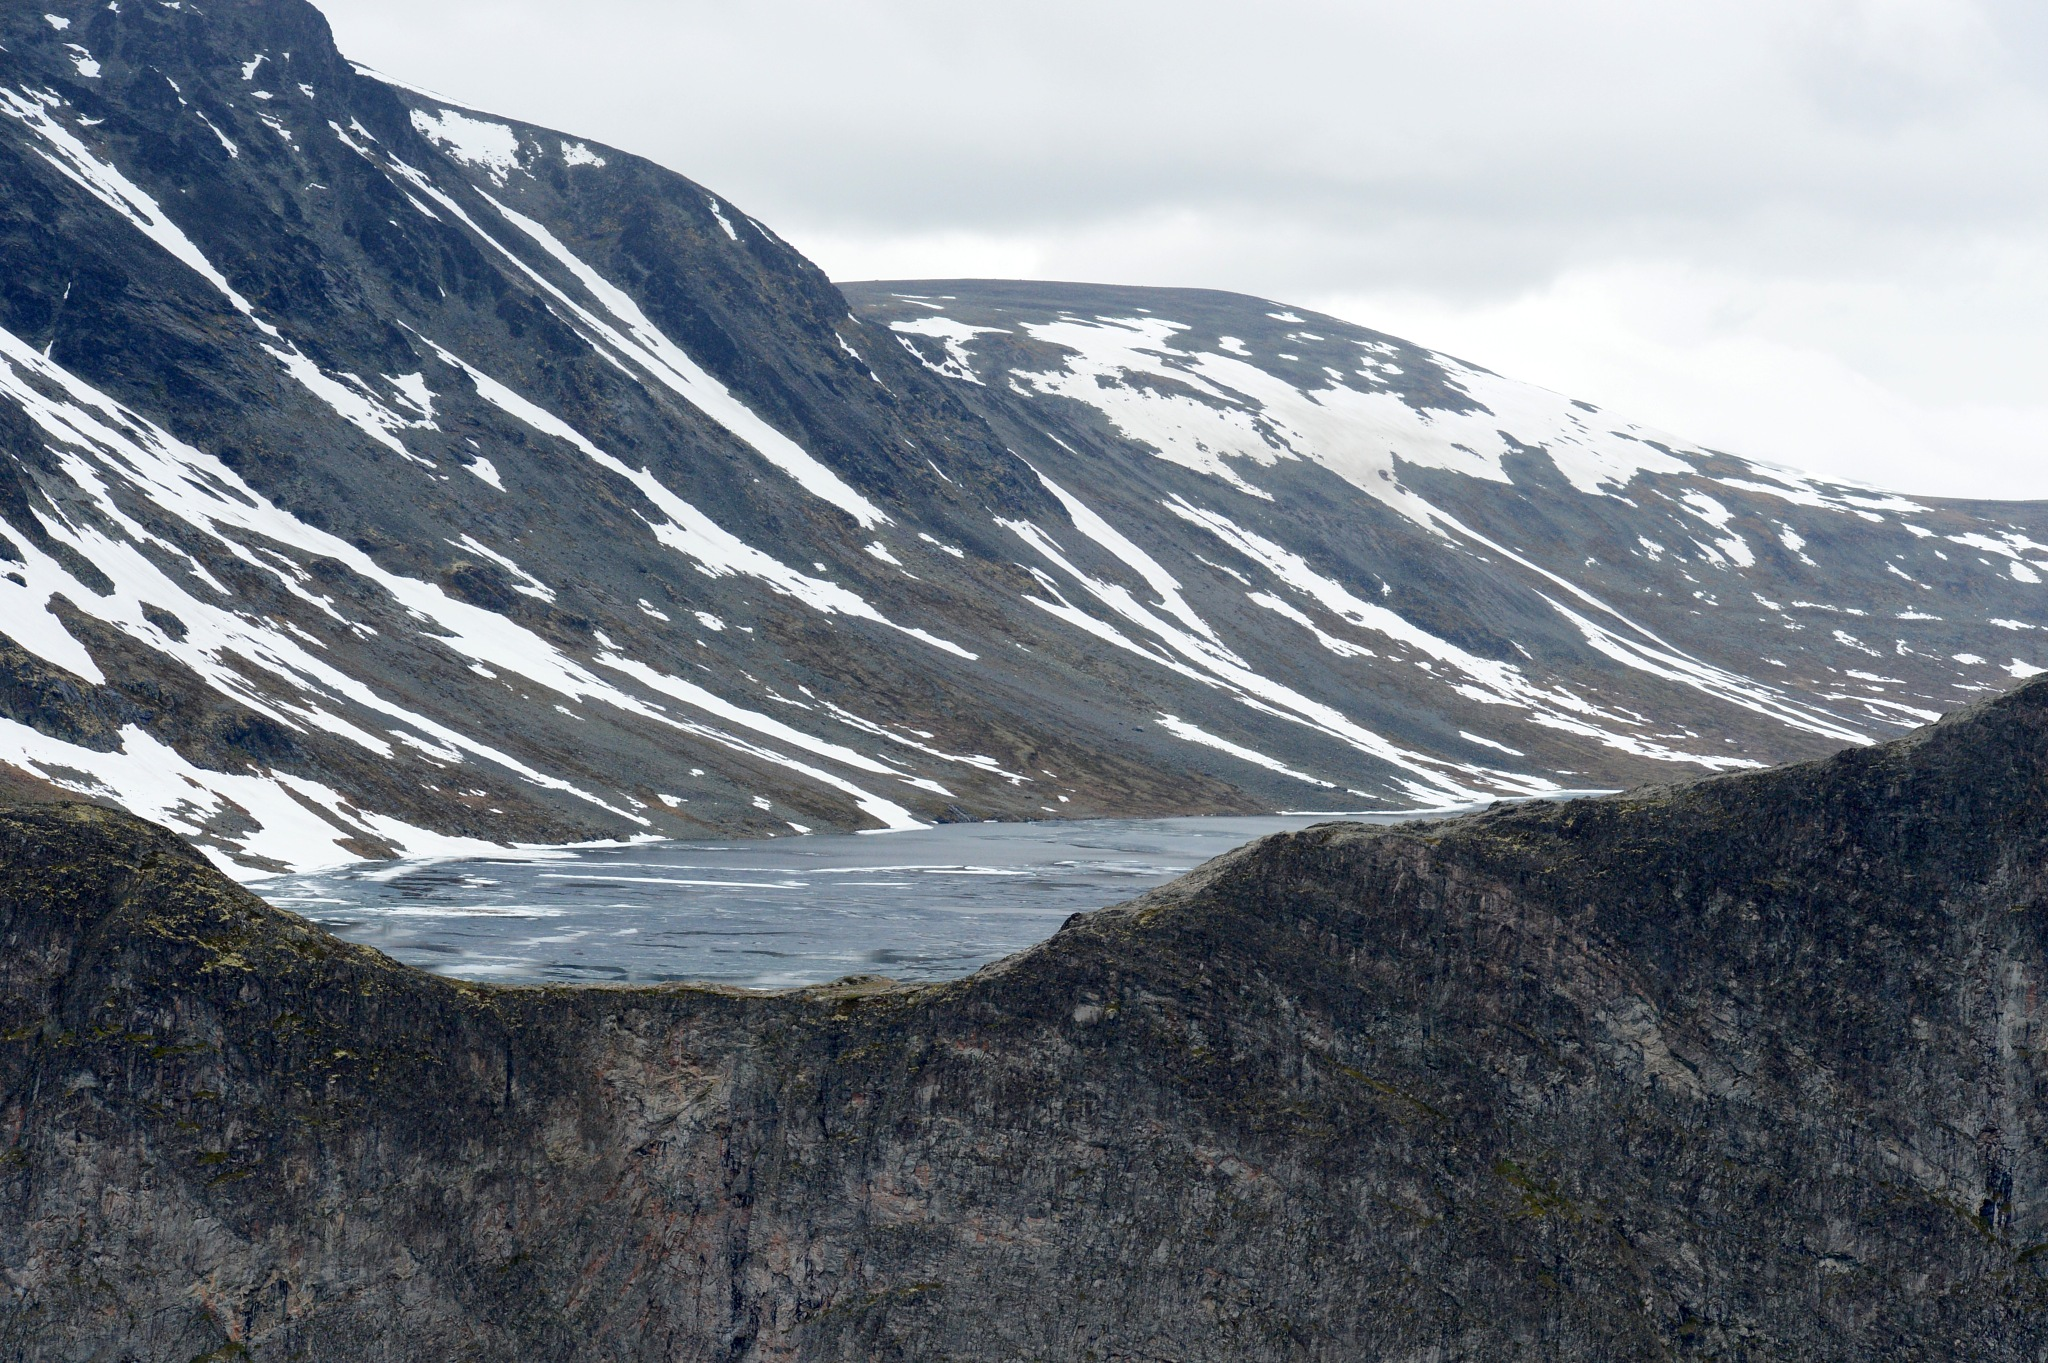 Jotunheimen, Norway by Lasse Tur